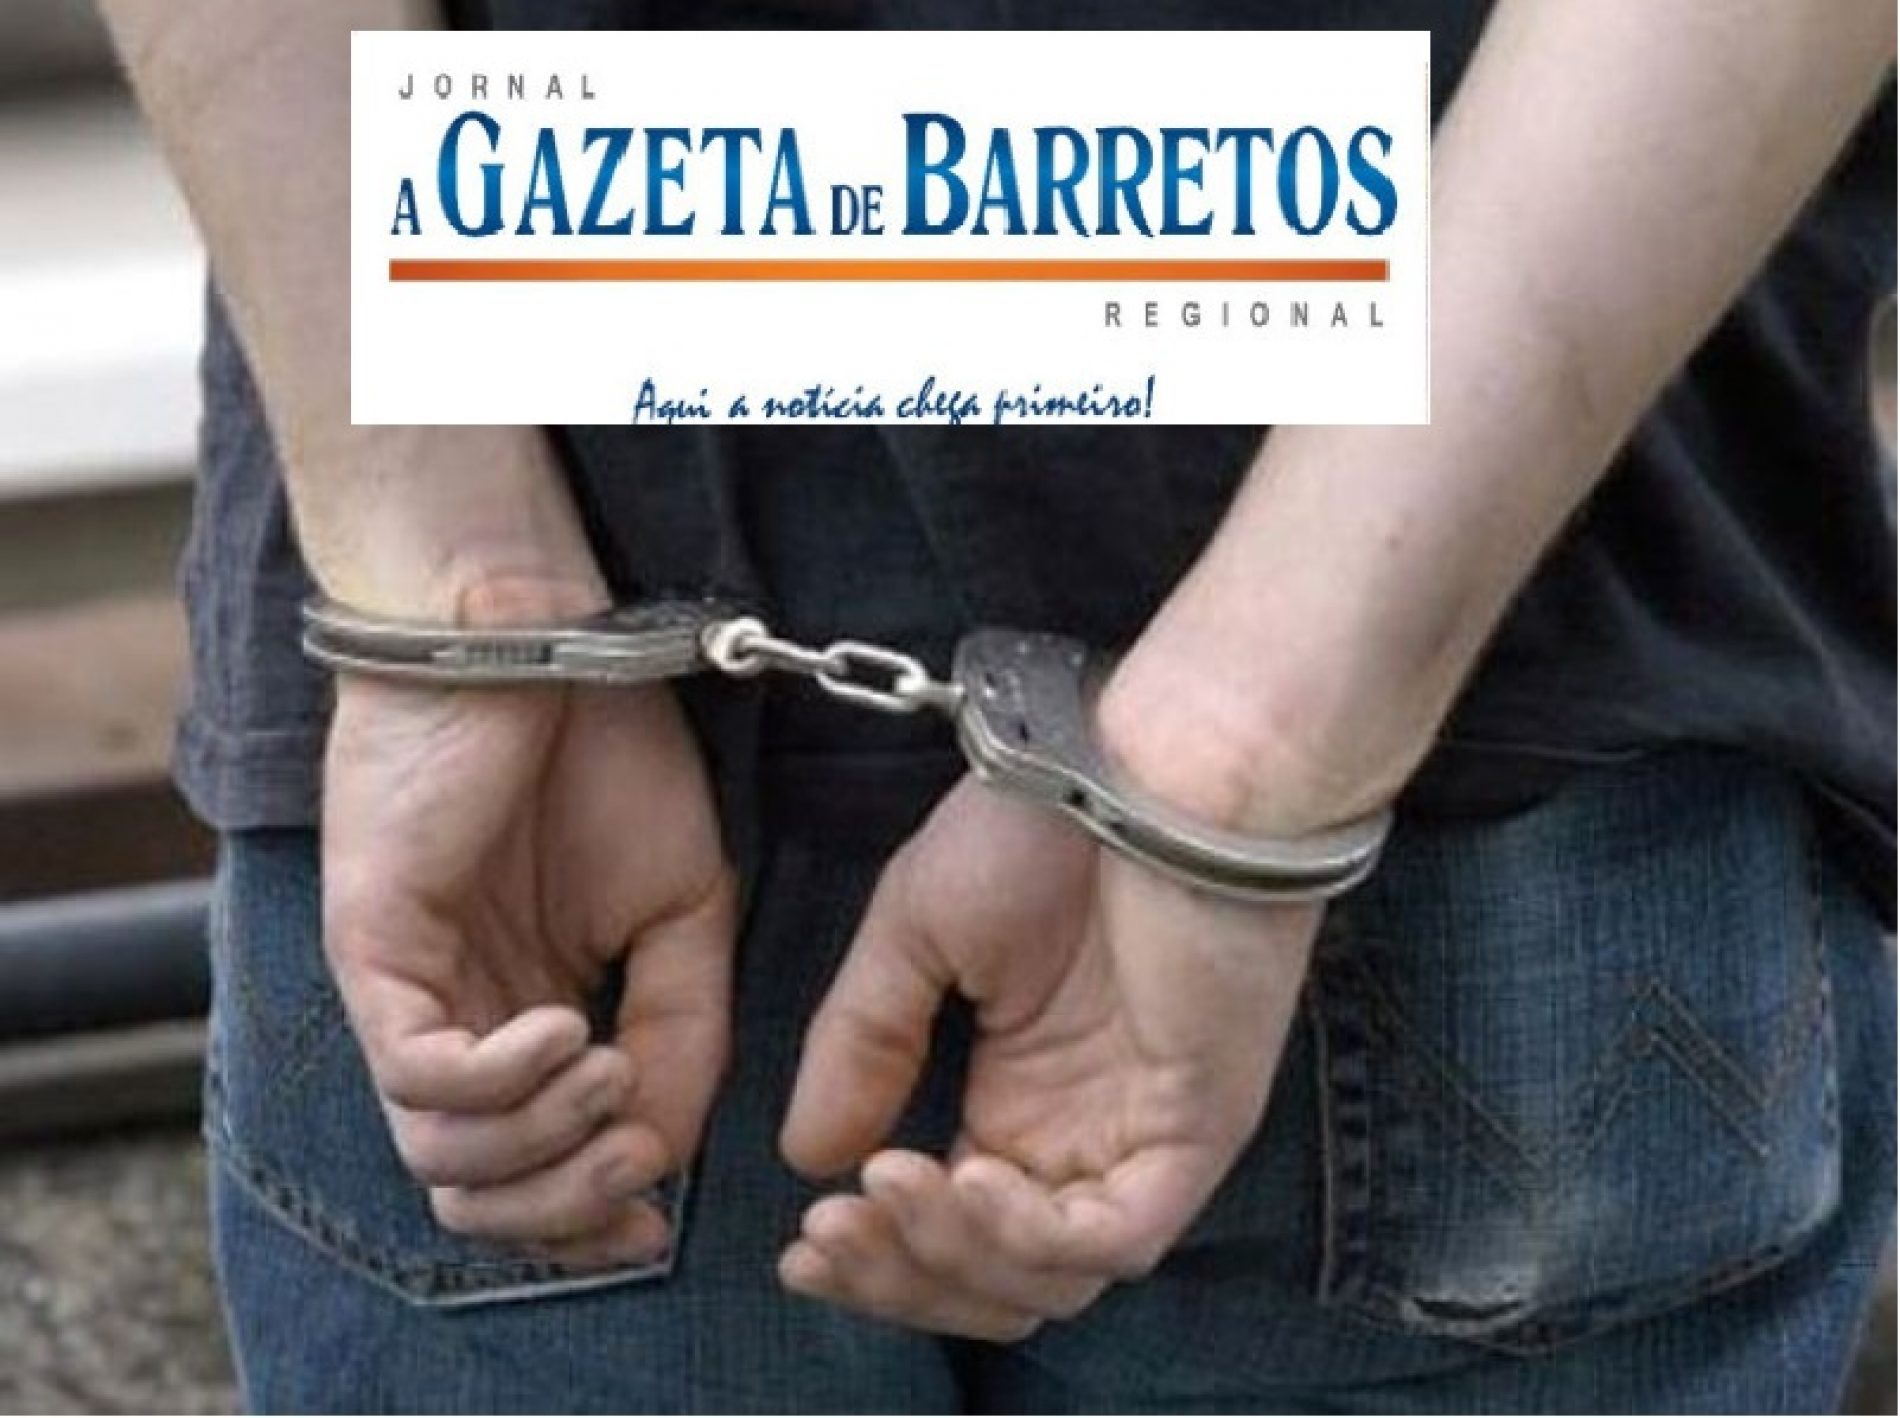 Ajudante Geral é preso por furtar sabonetes em residência de idosa no bairro Santa Cecilia